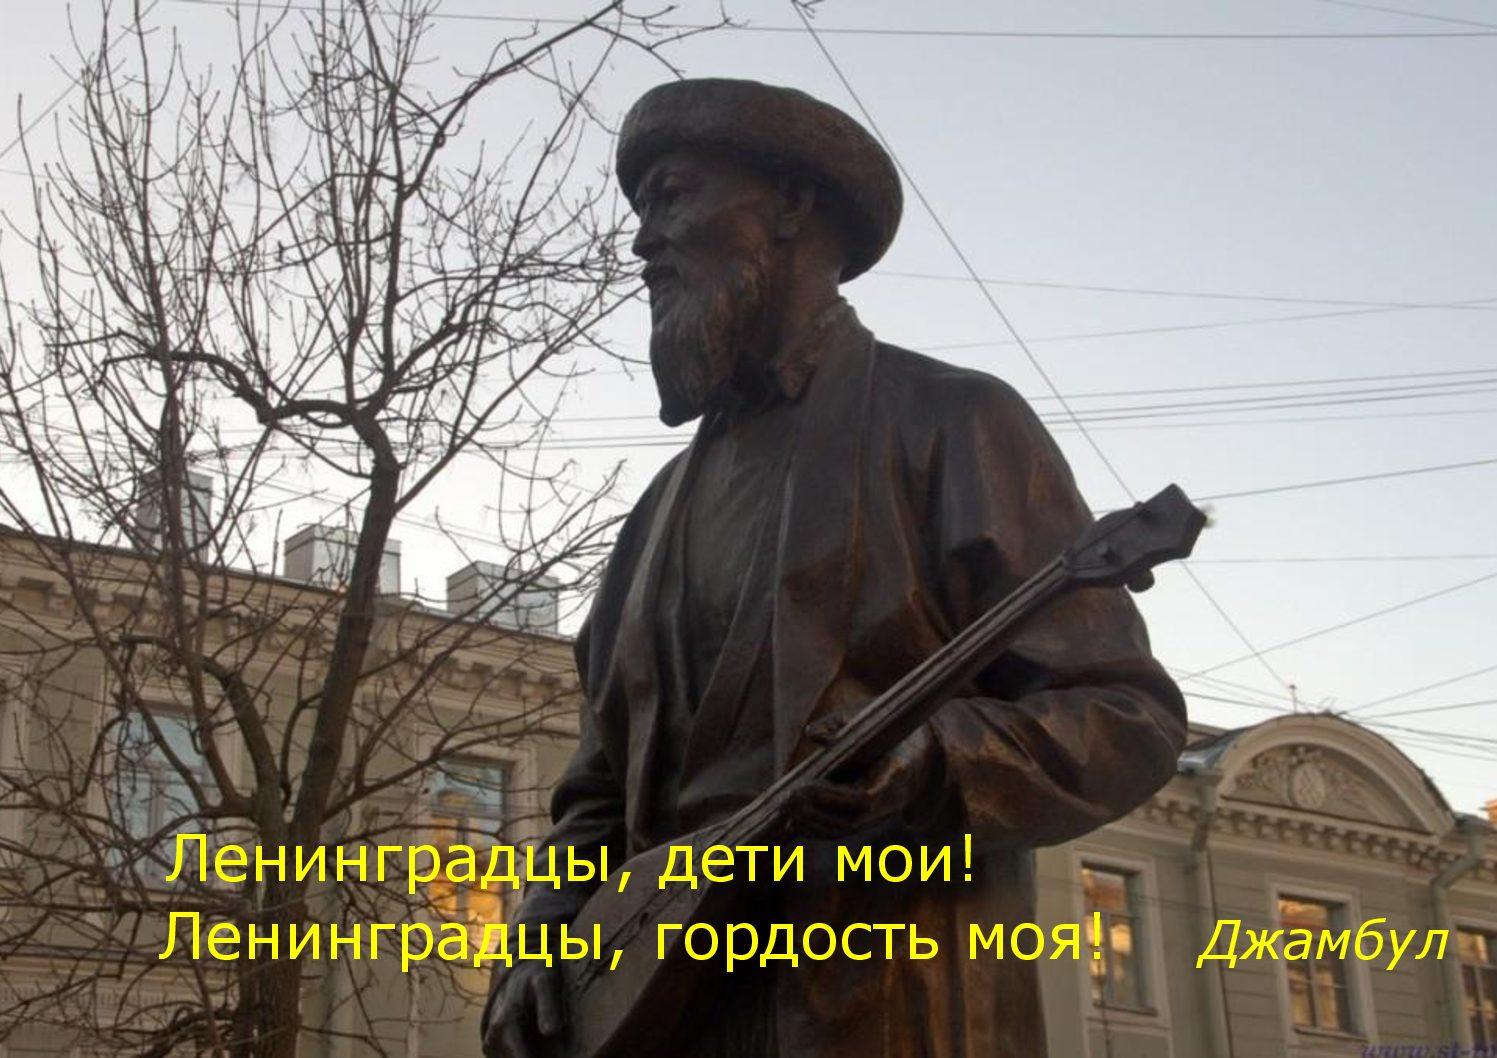 Первым в защиту осажденного Ленинграда осенью 1941-го раздался голос великого казахского акына Джамбула.